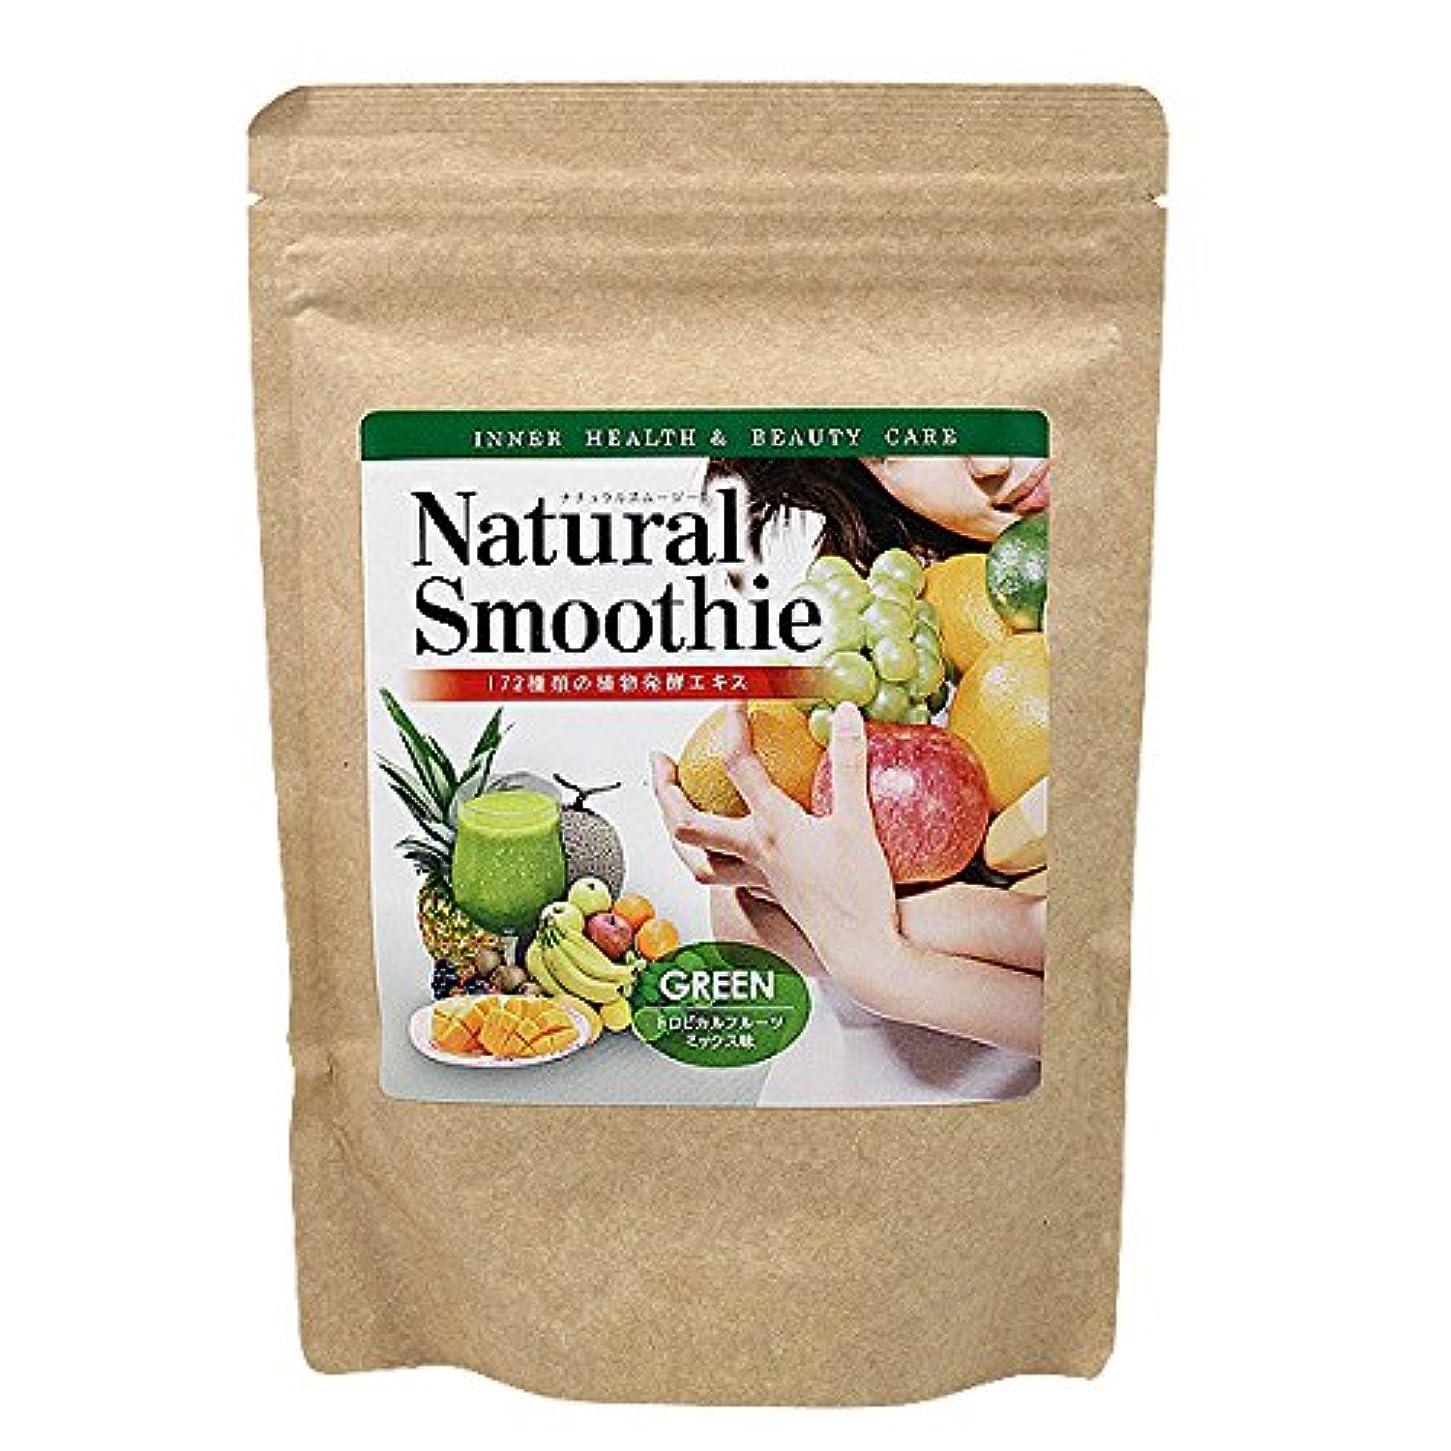 スクラップブックズームインする冷蔵するカレン ナチュラル スムージー(グリーン) トロピカルフルーツミックス味 200g